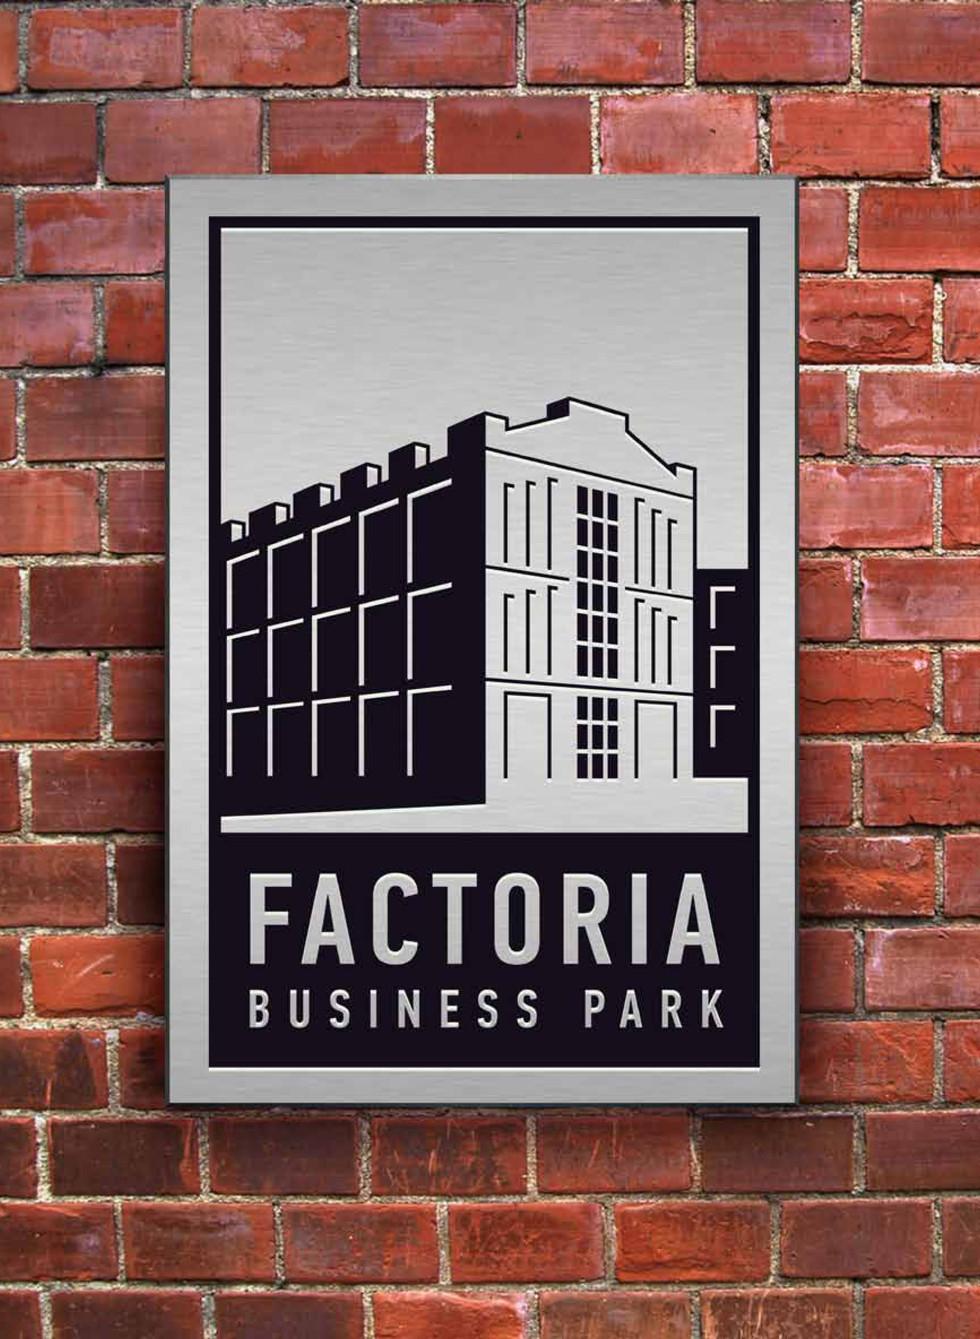 Factoria brick wall sign